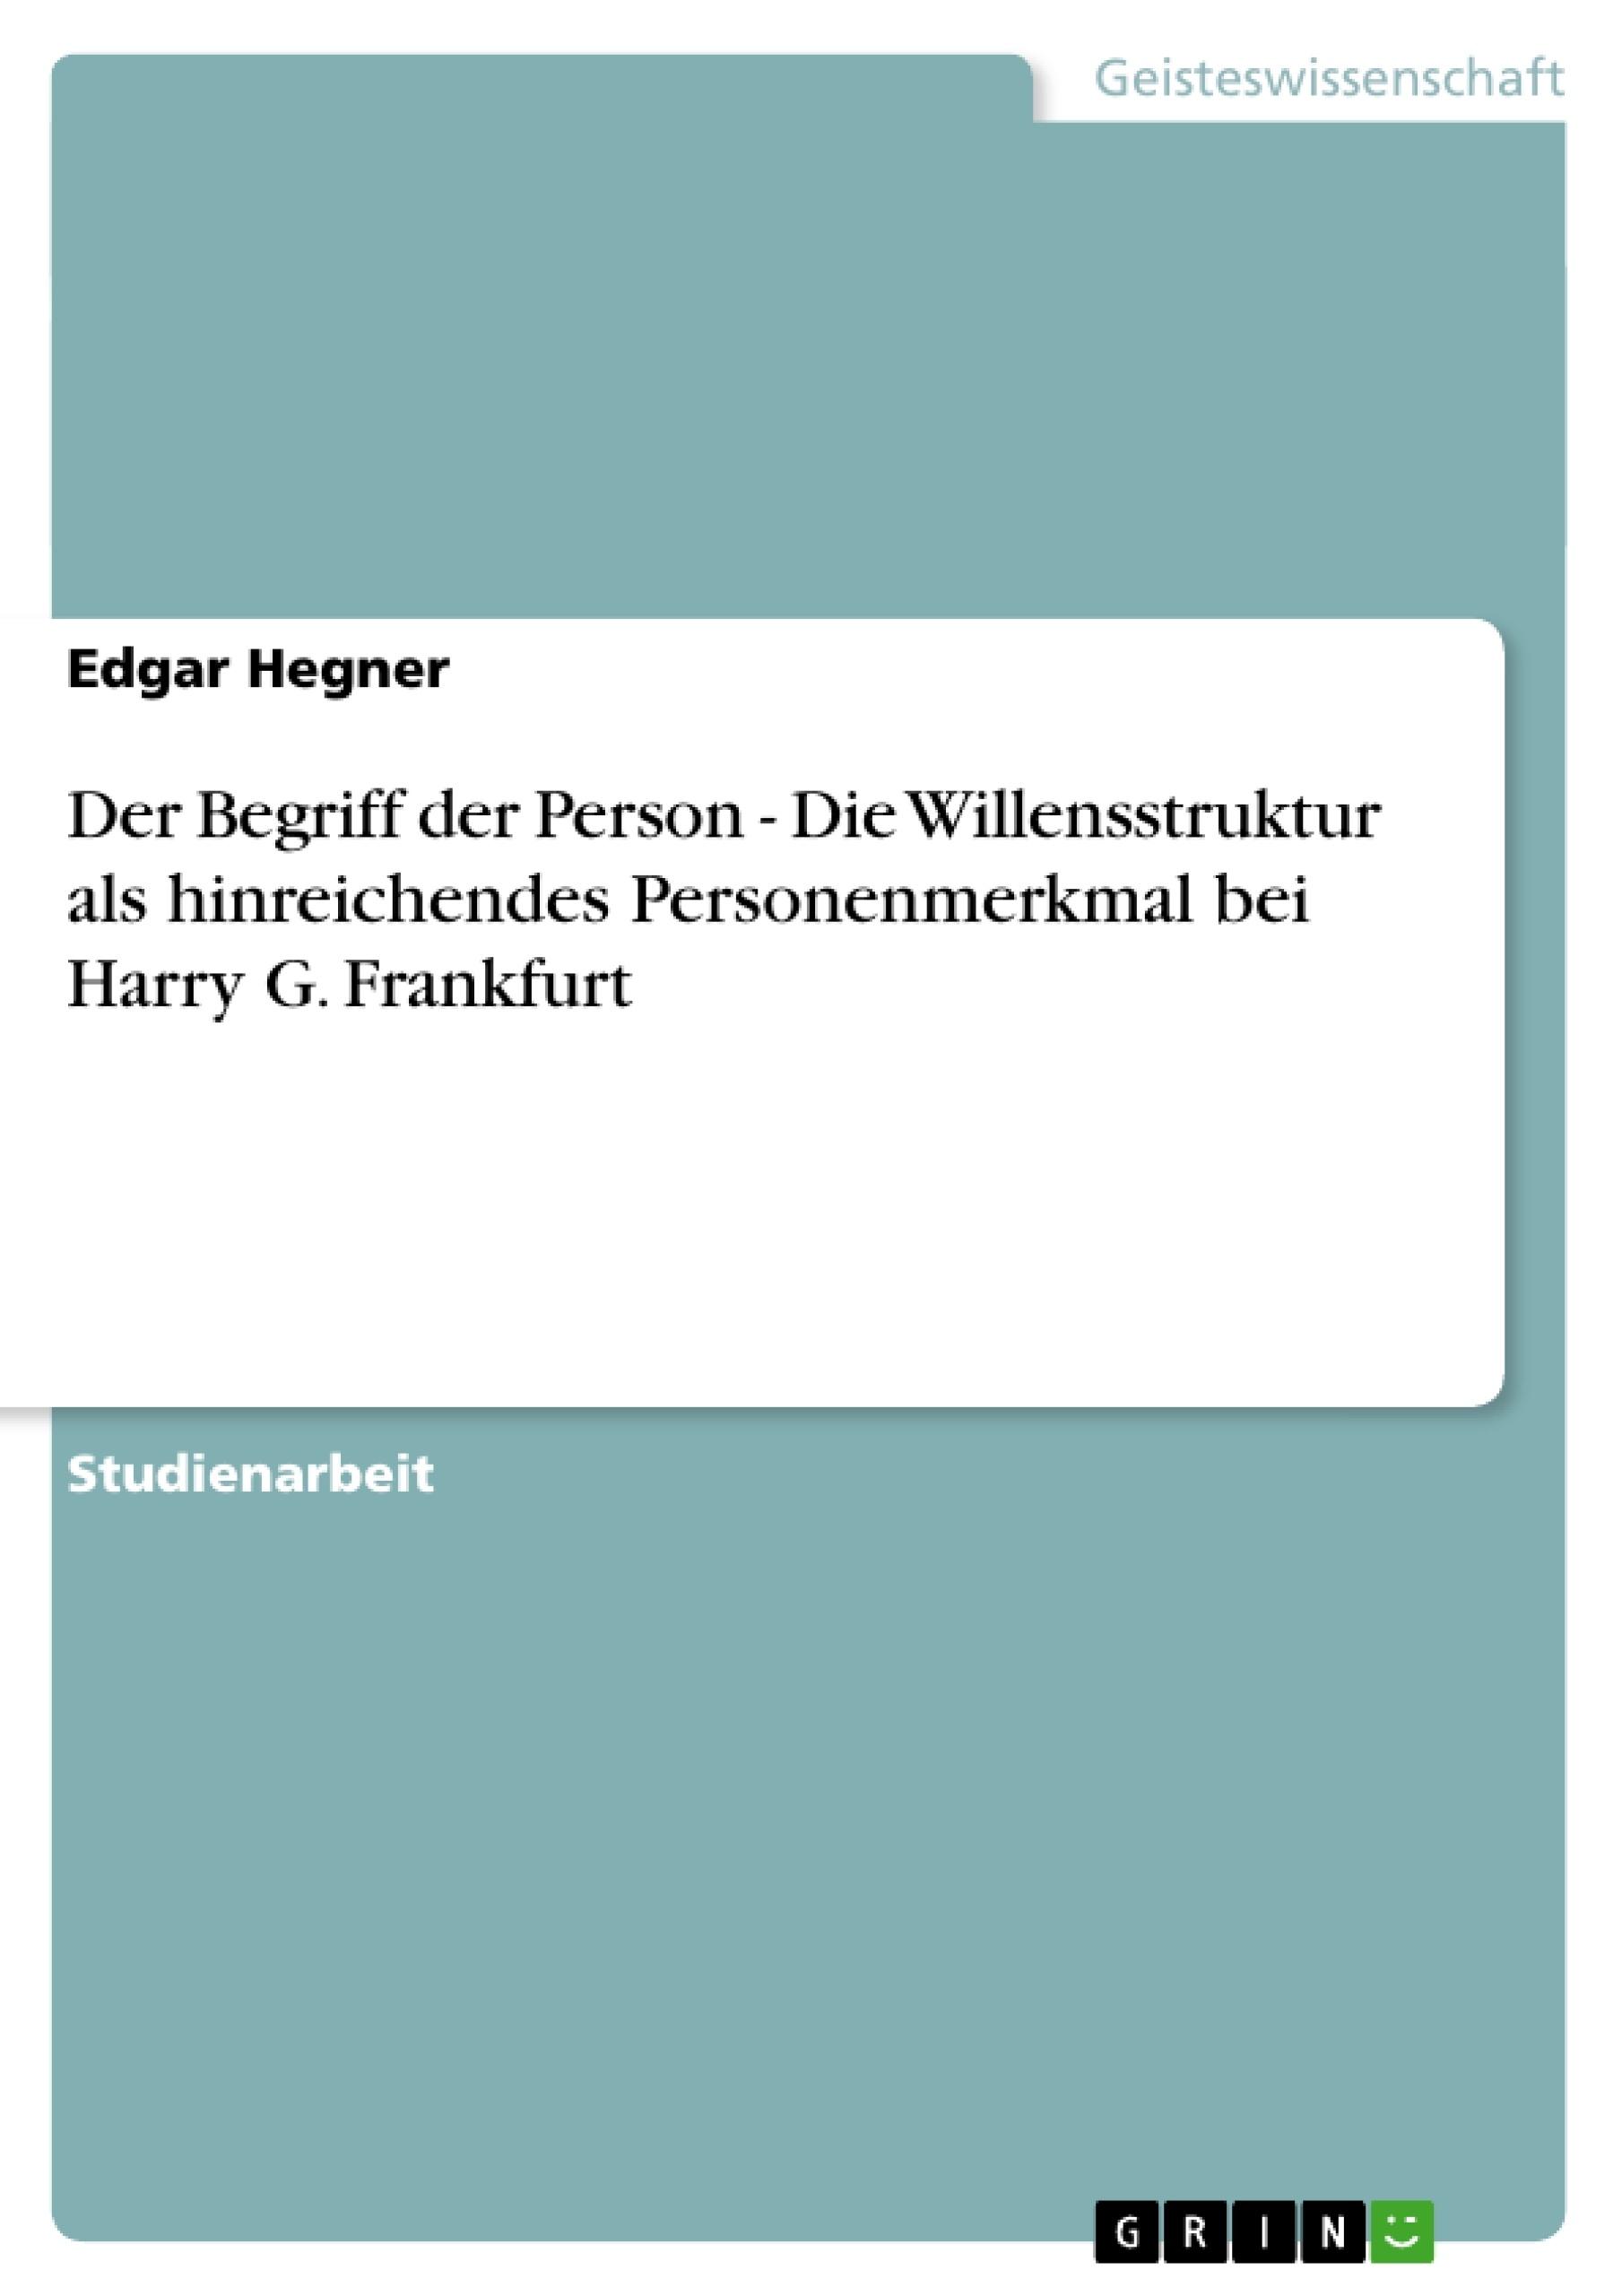 Titel: Der Begriff der Person - Die Willensstruktur als hinreichendes Personenmerkmal bei Harry G. Frankfurt